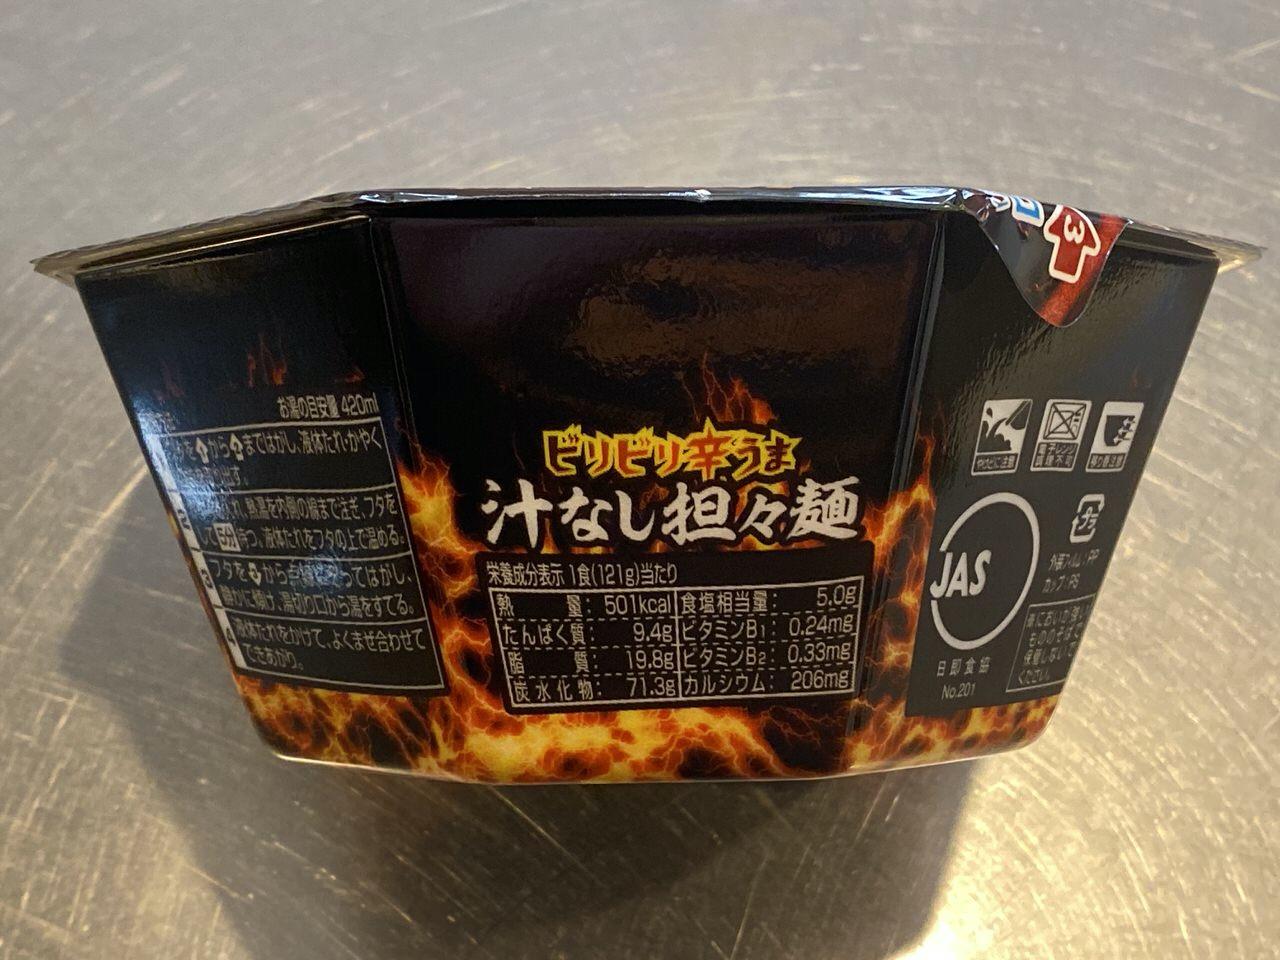 「日清ラ王 ビリビリ辛うま 汁なし担々麺」6